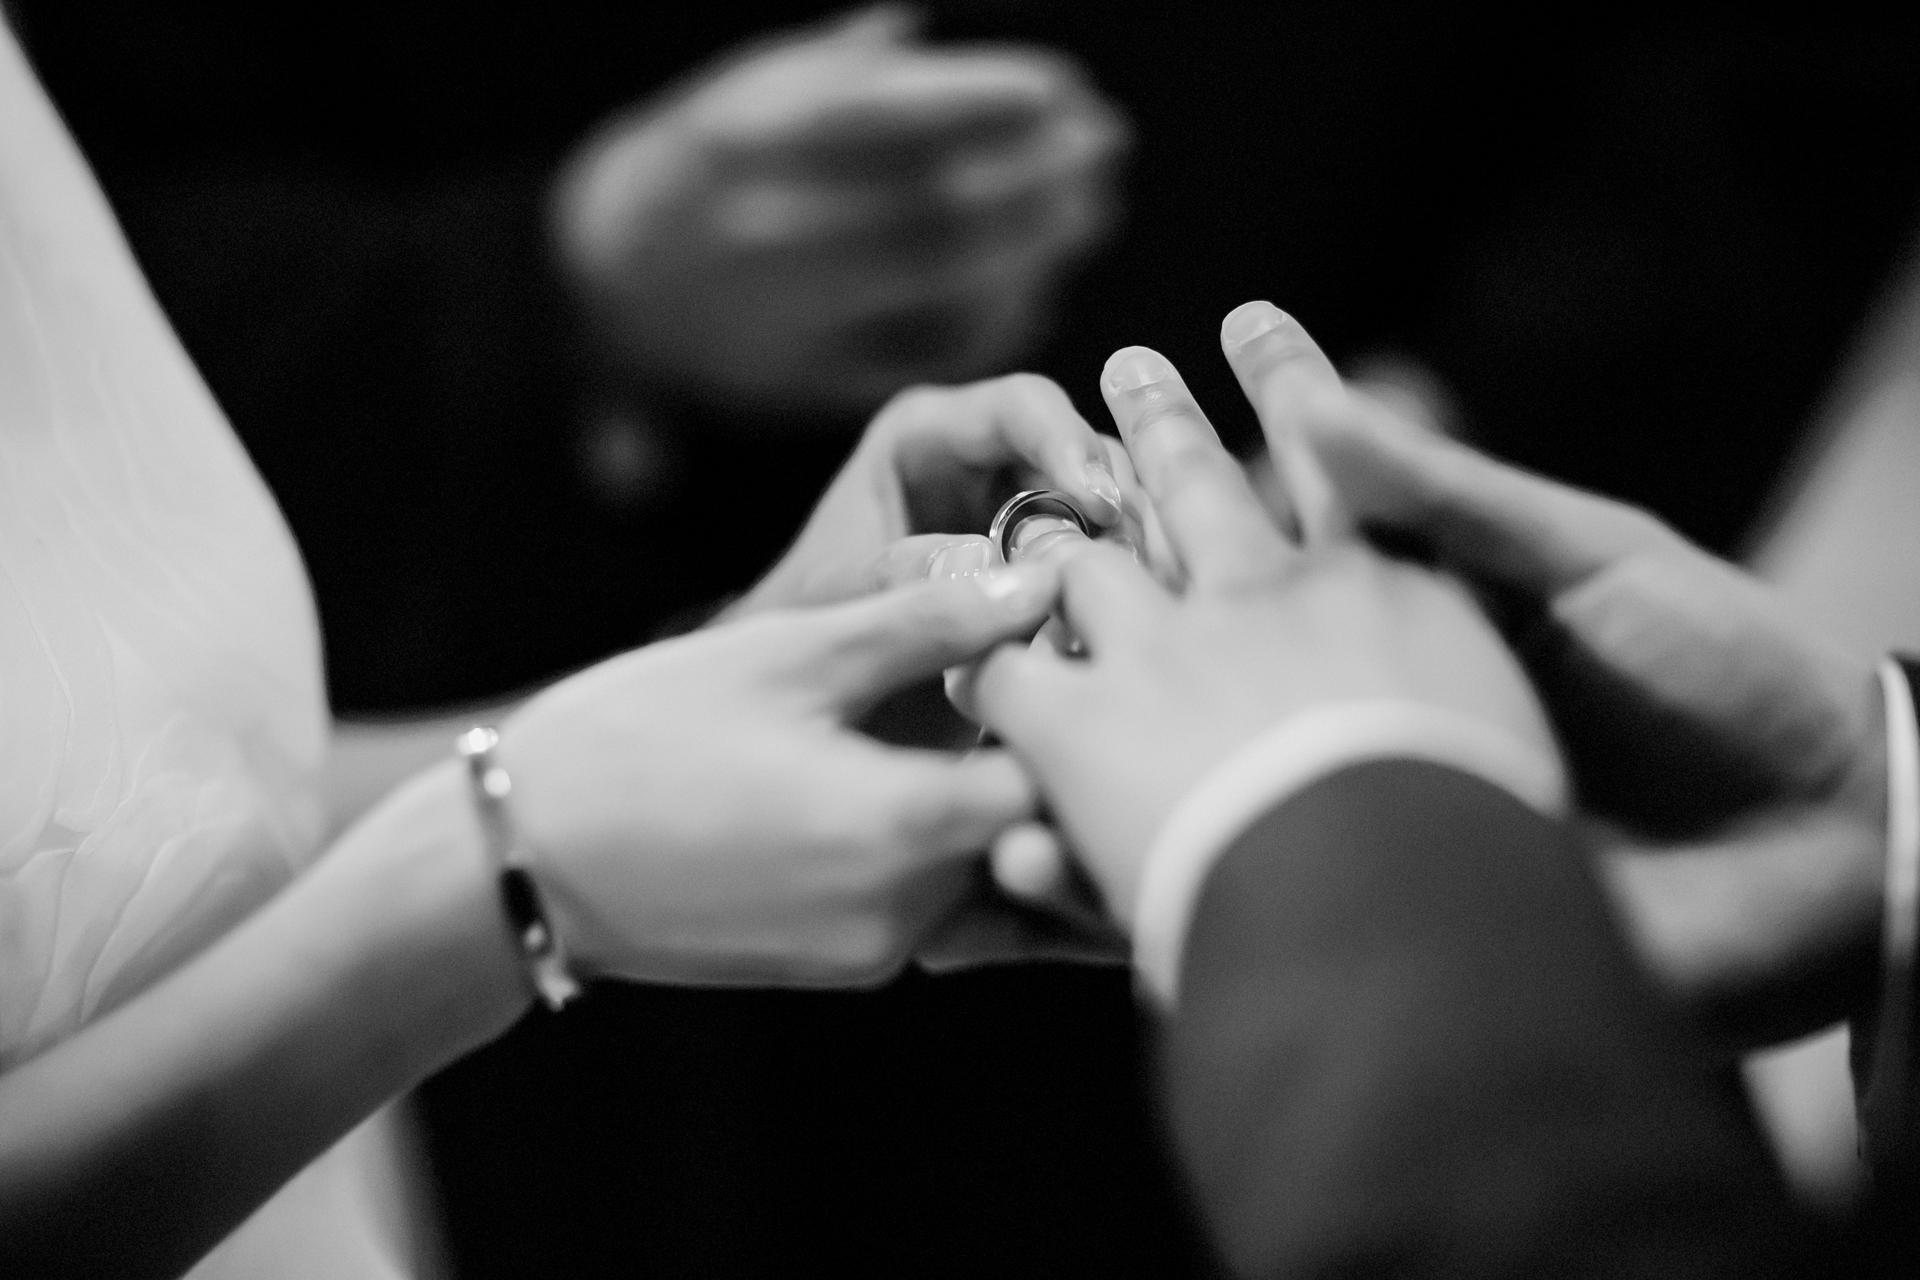 Fotografía del matrimonio civil del ayuntamiento de San Francisco   La pareja se puso los anillos y fueron oficialmente marido y mujer.